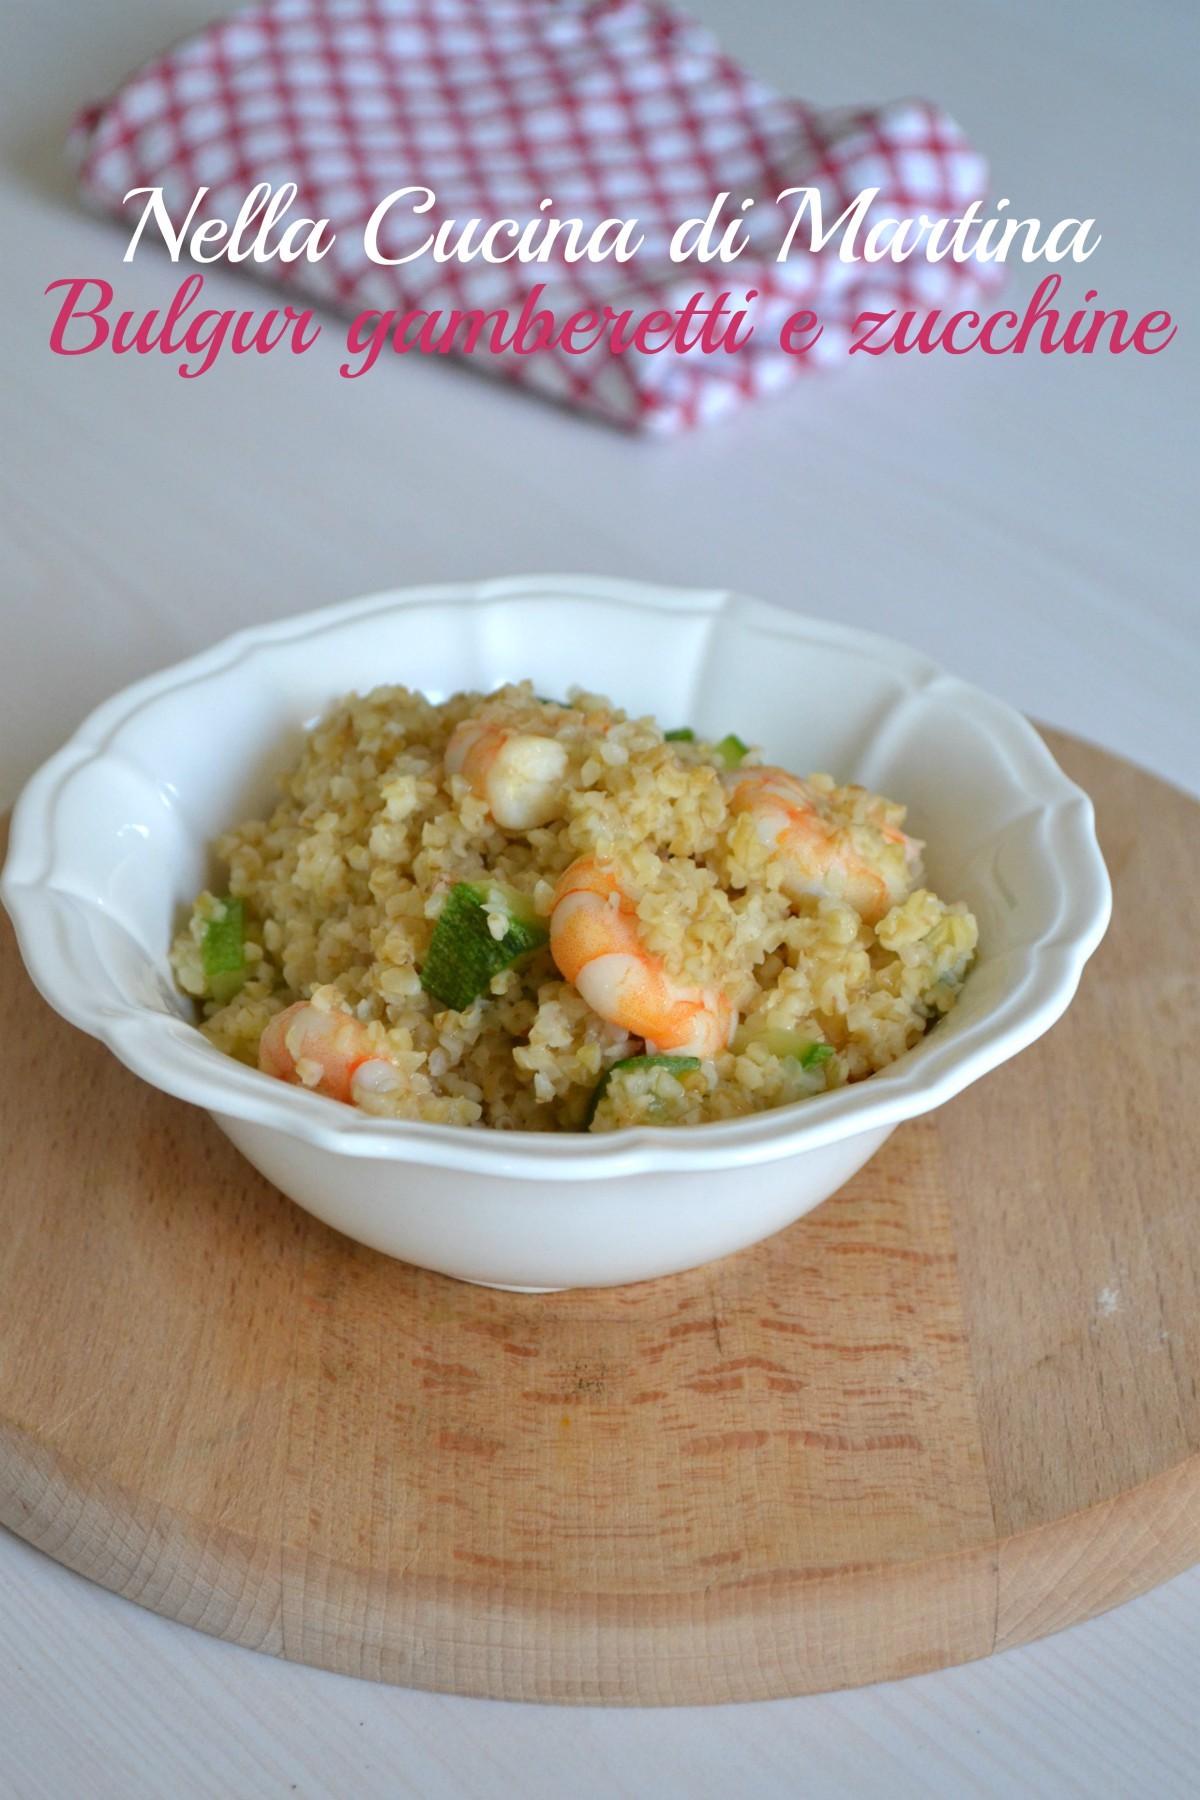 burgur gamberetti e zucchine ricetta blog